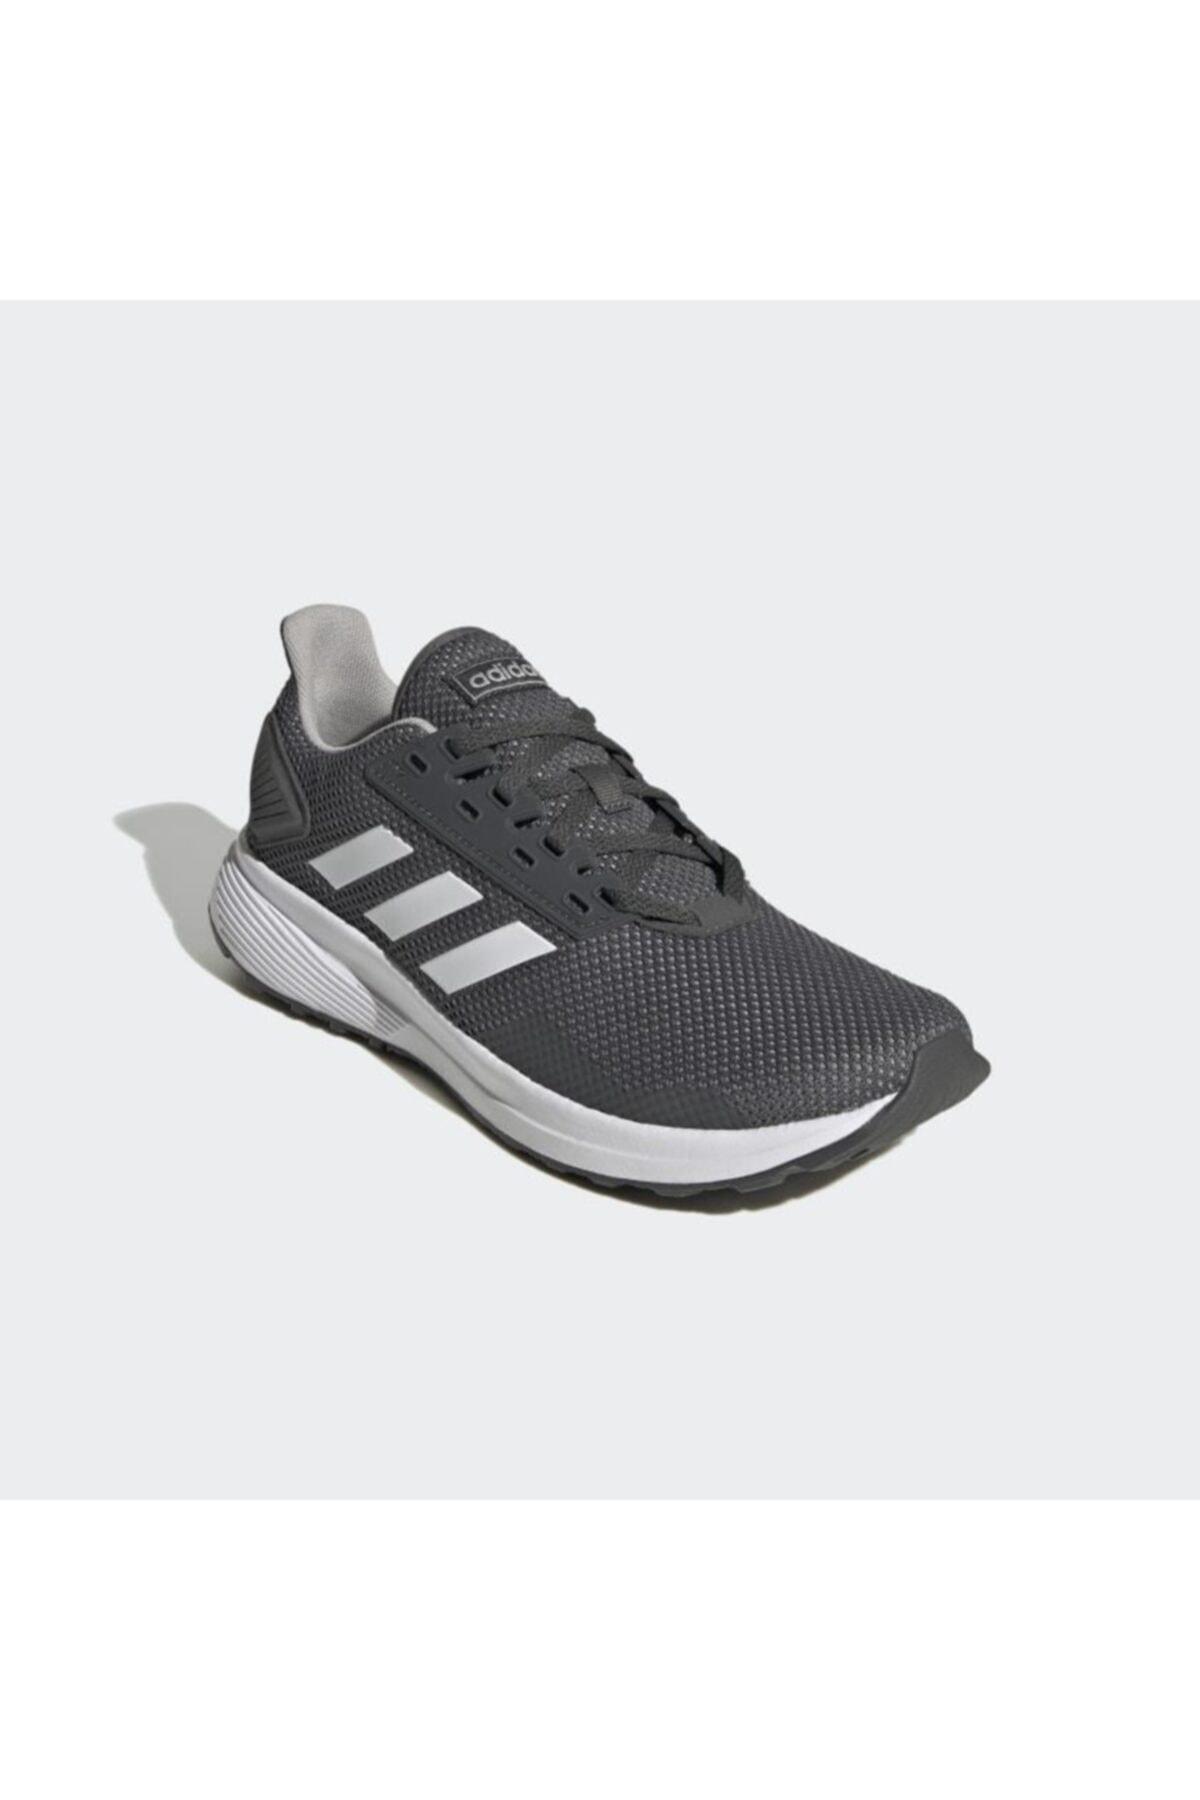 adidas Eg3004 Duramo 9 Erkek Koşu Ayakkabı 1